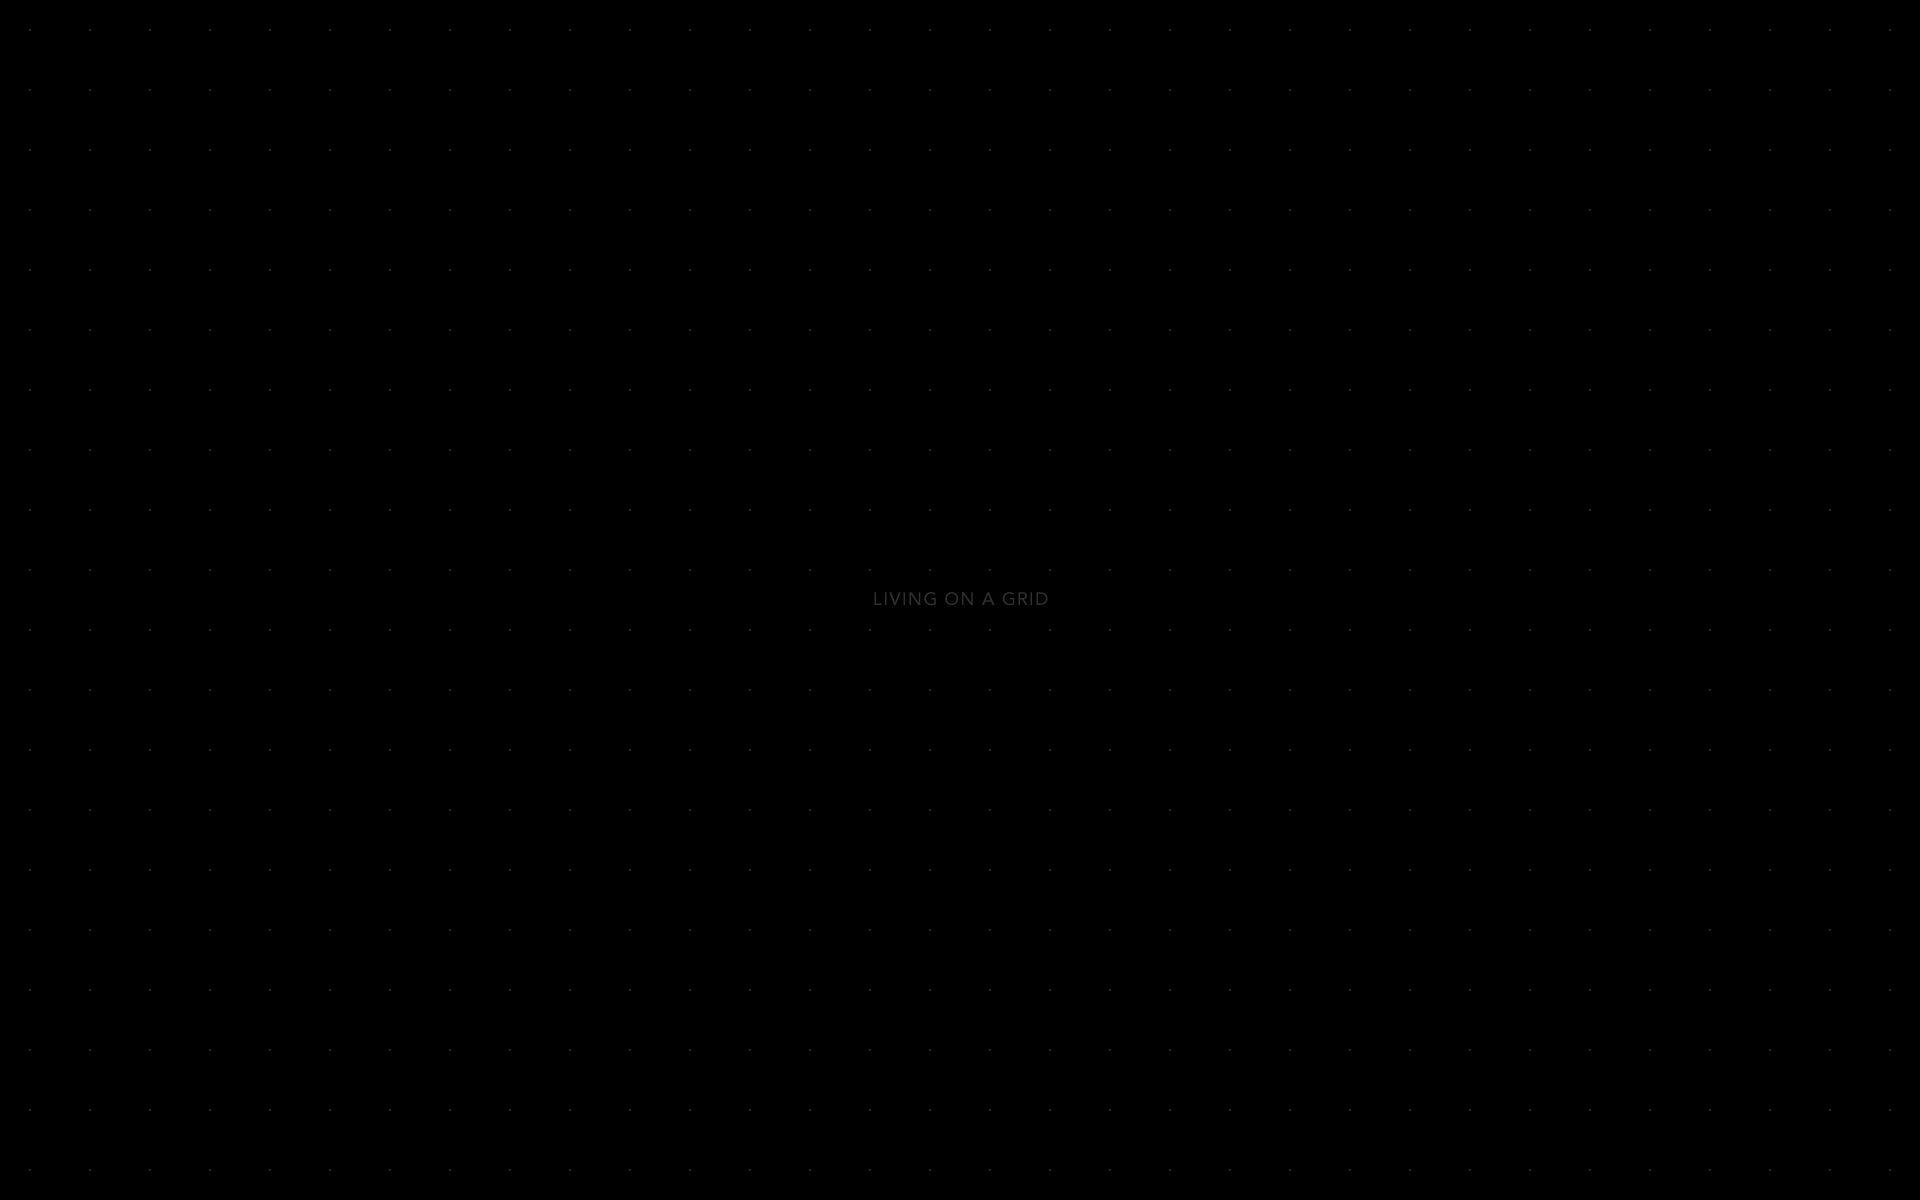 19x10 Dark Desktop Jpg 19 10